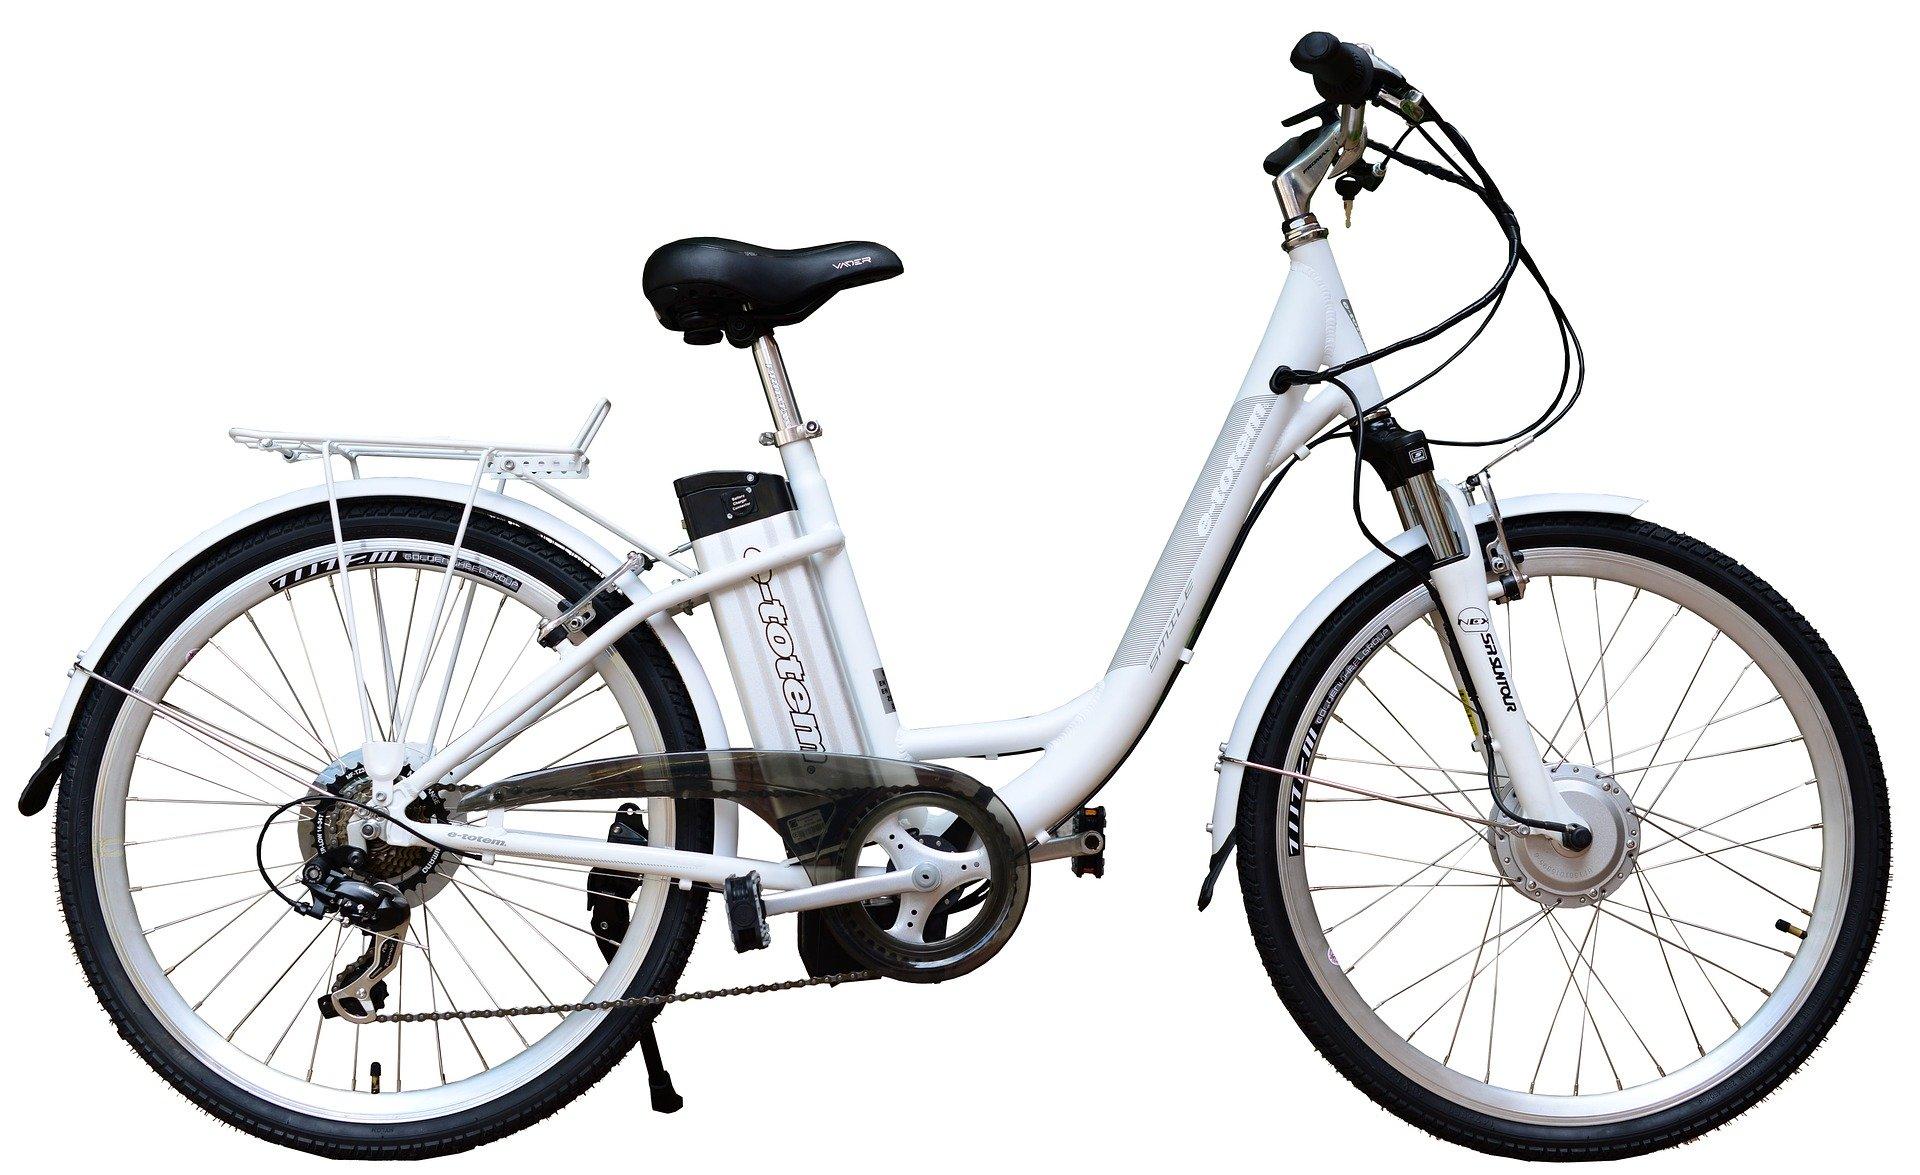 White E-bike on the white background